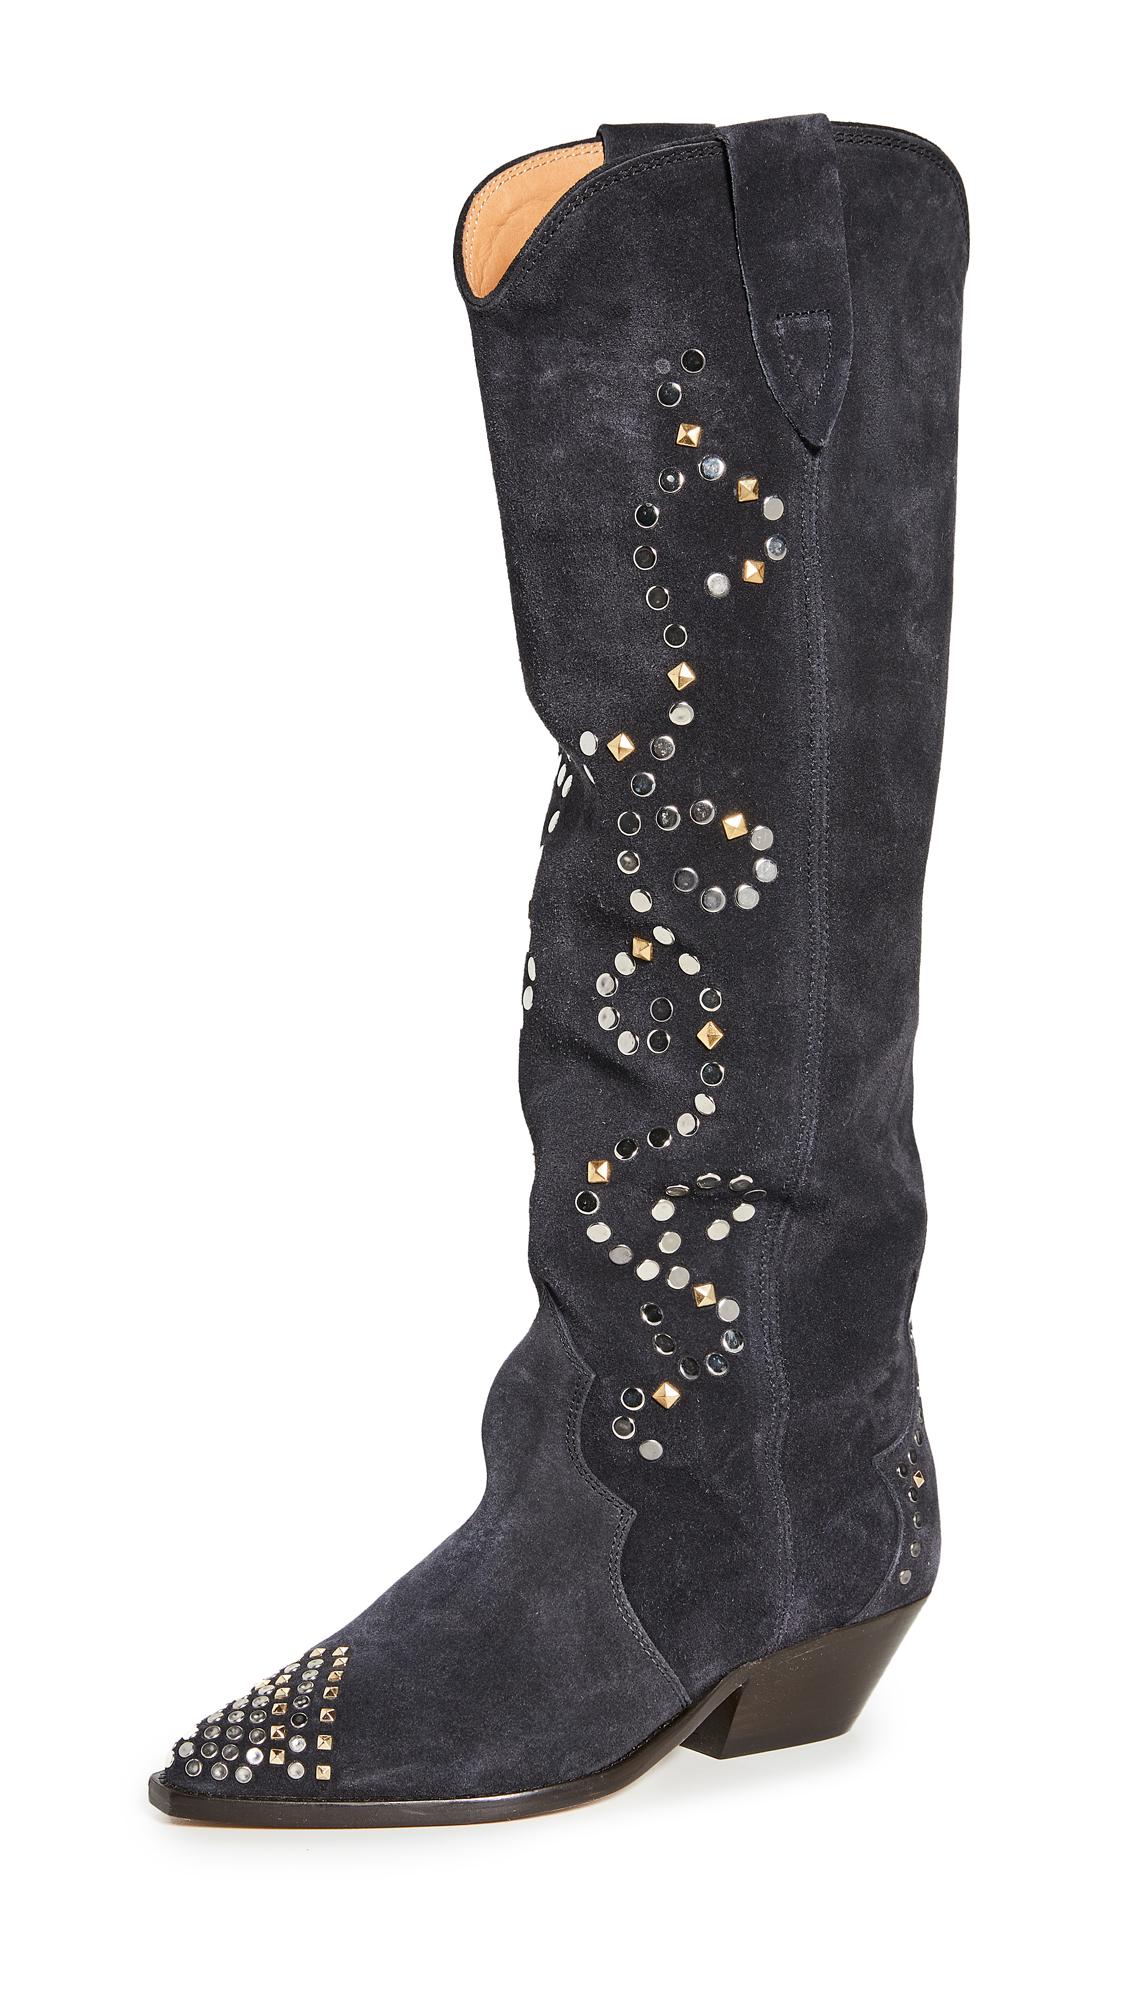 Isabel Marant Denvee Boots – 50% Off Sale